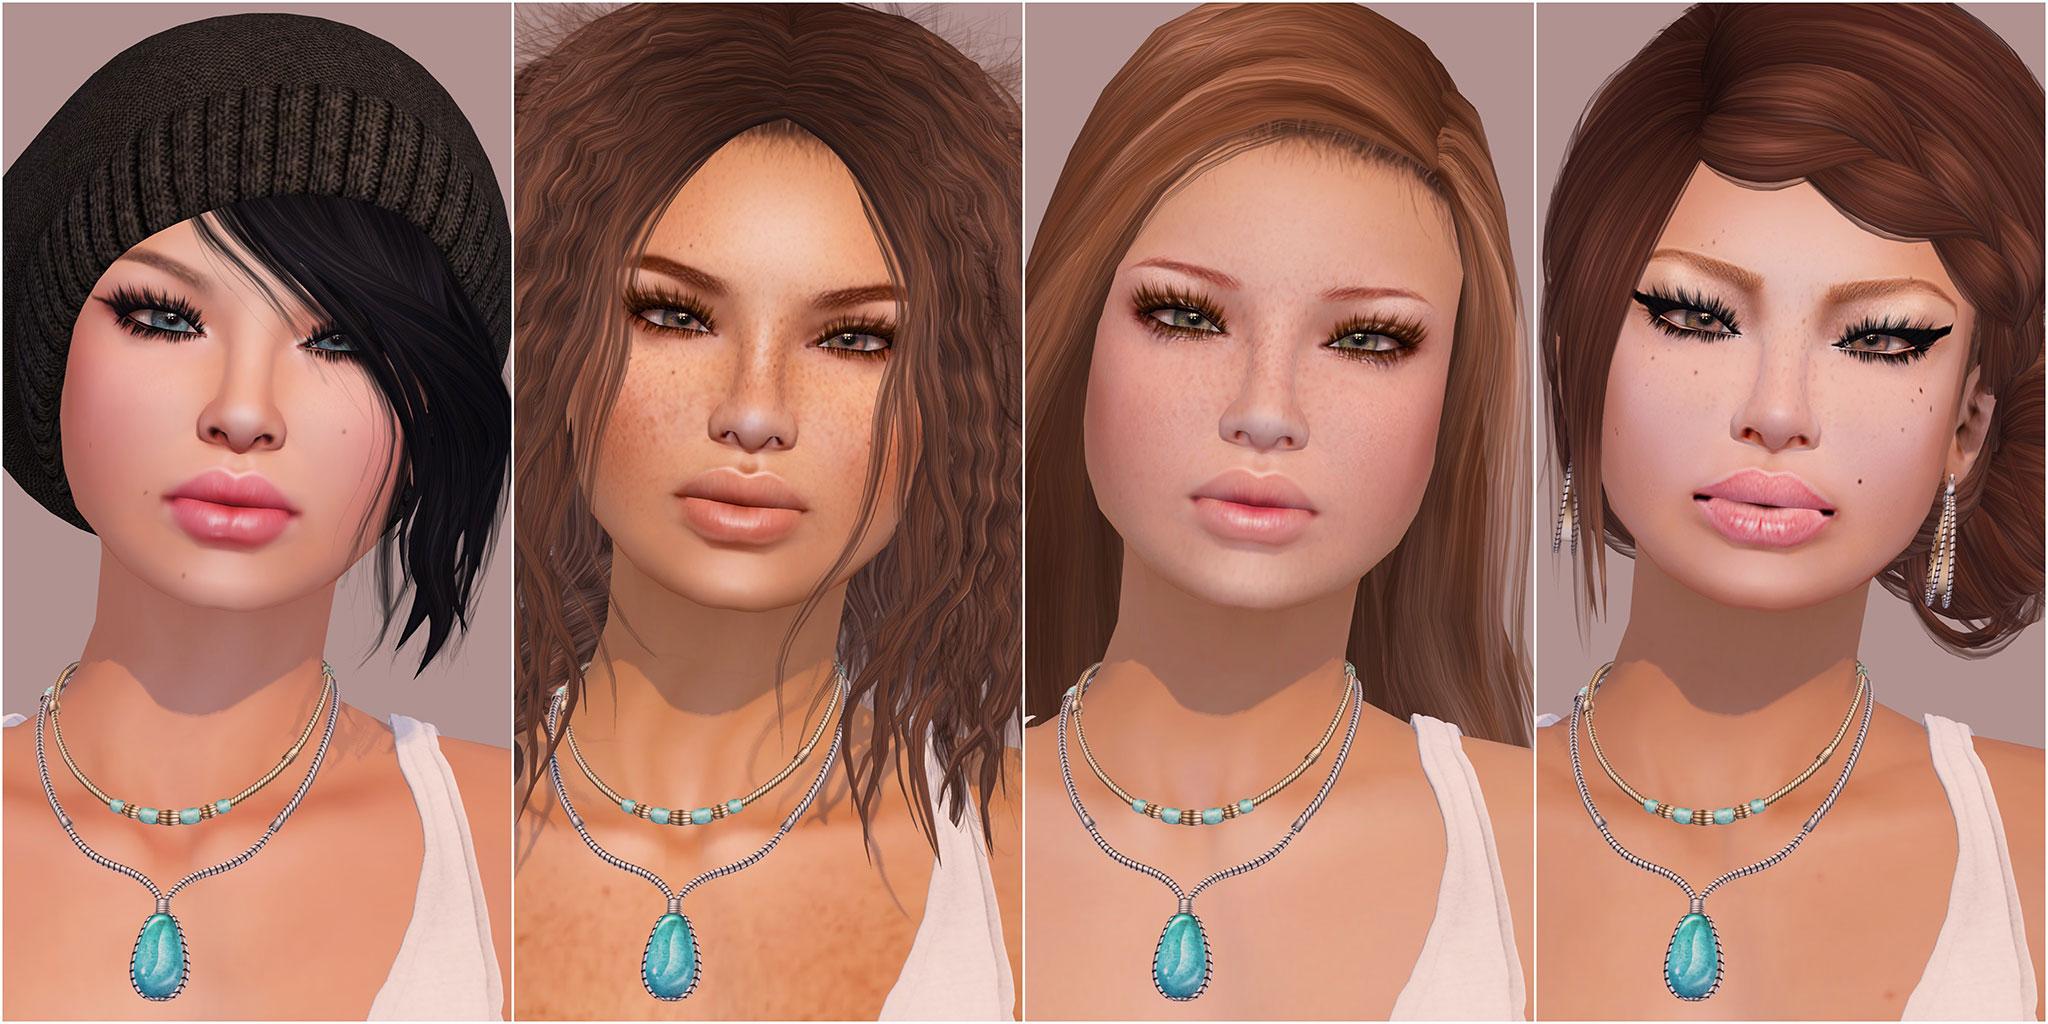 Free-skins-01